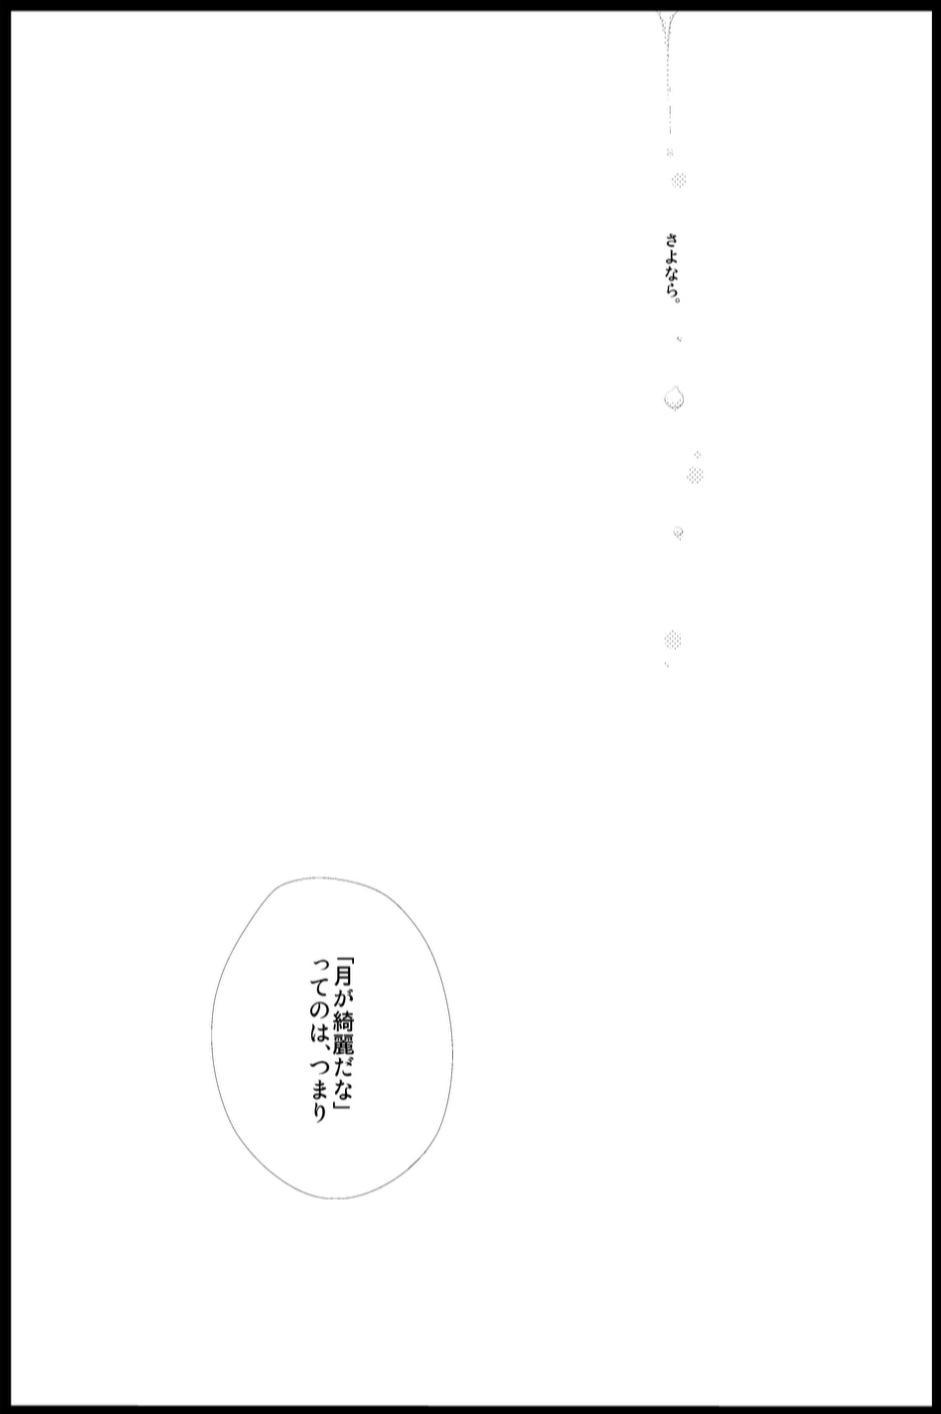 STRAWBERRY-FIELDS 23